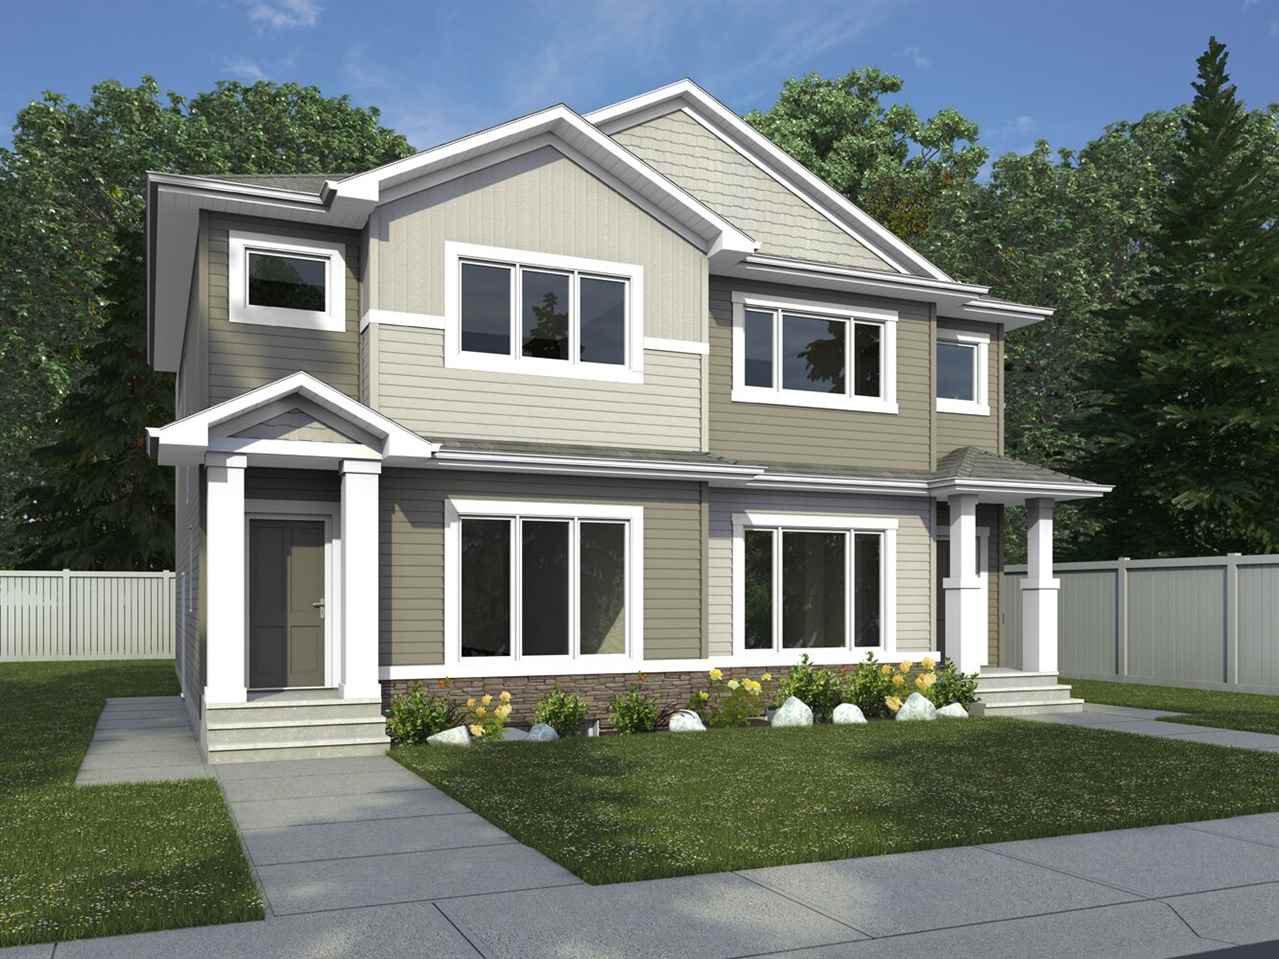 Main Photo: 5925 137 Avenue in Edmonton: Zone 02 House Half Duplex for sale : MLS®# E4176556